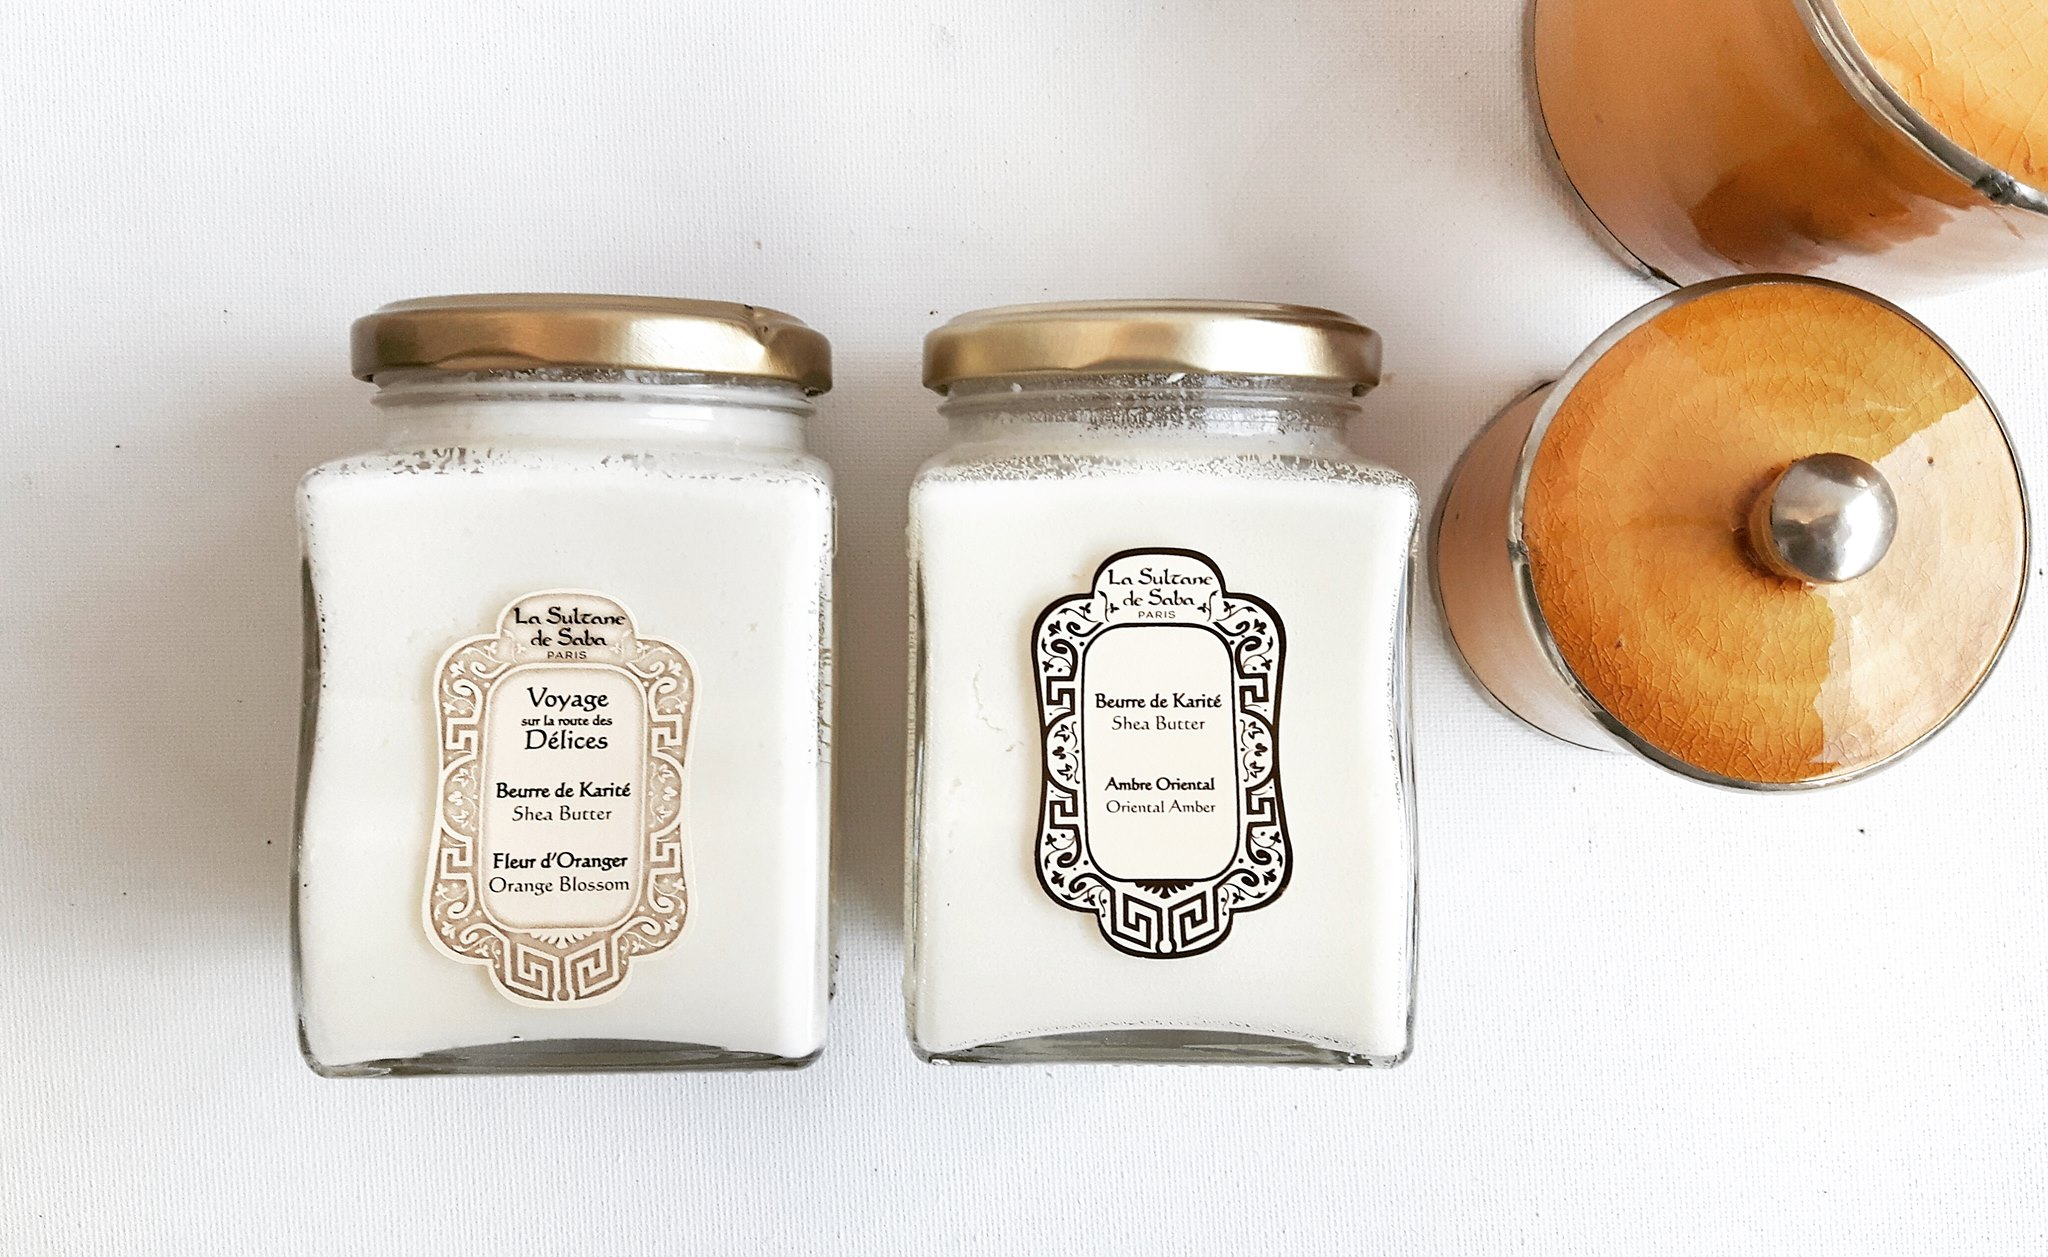 Beurres de Karité Fleur d'Oranger et Ambre Oriental La Sultane de Saba